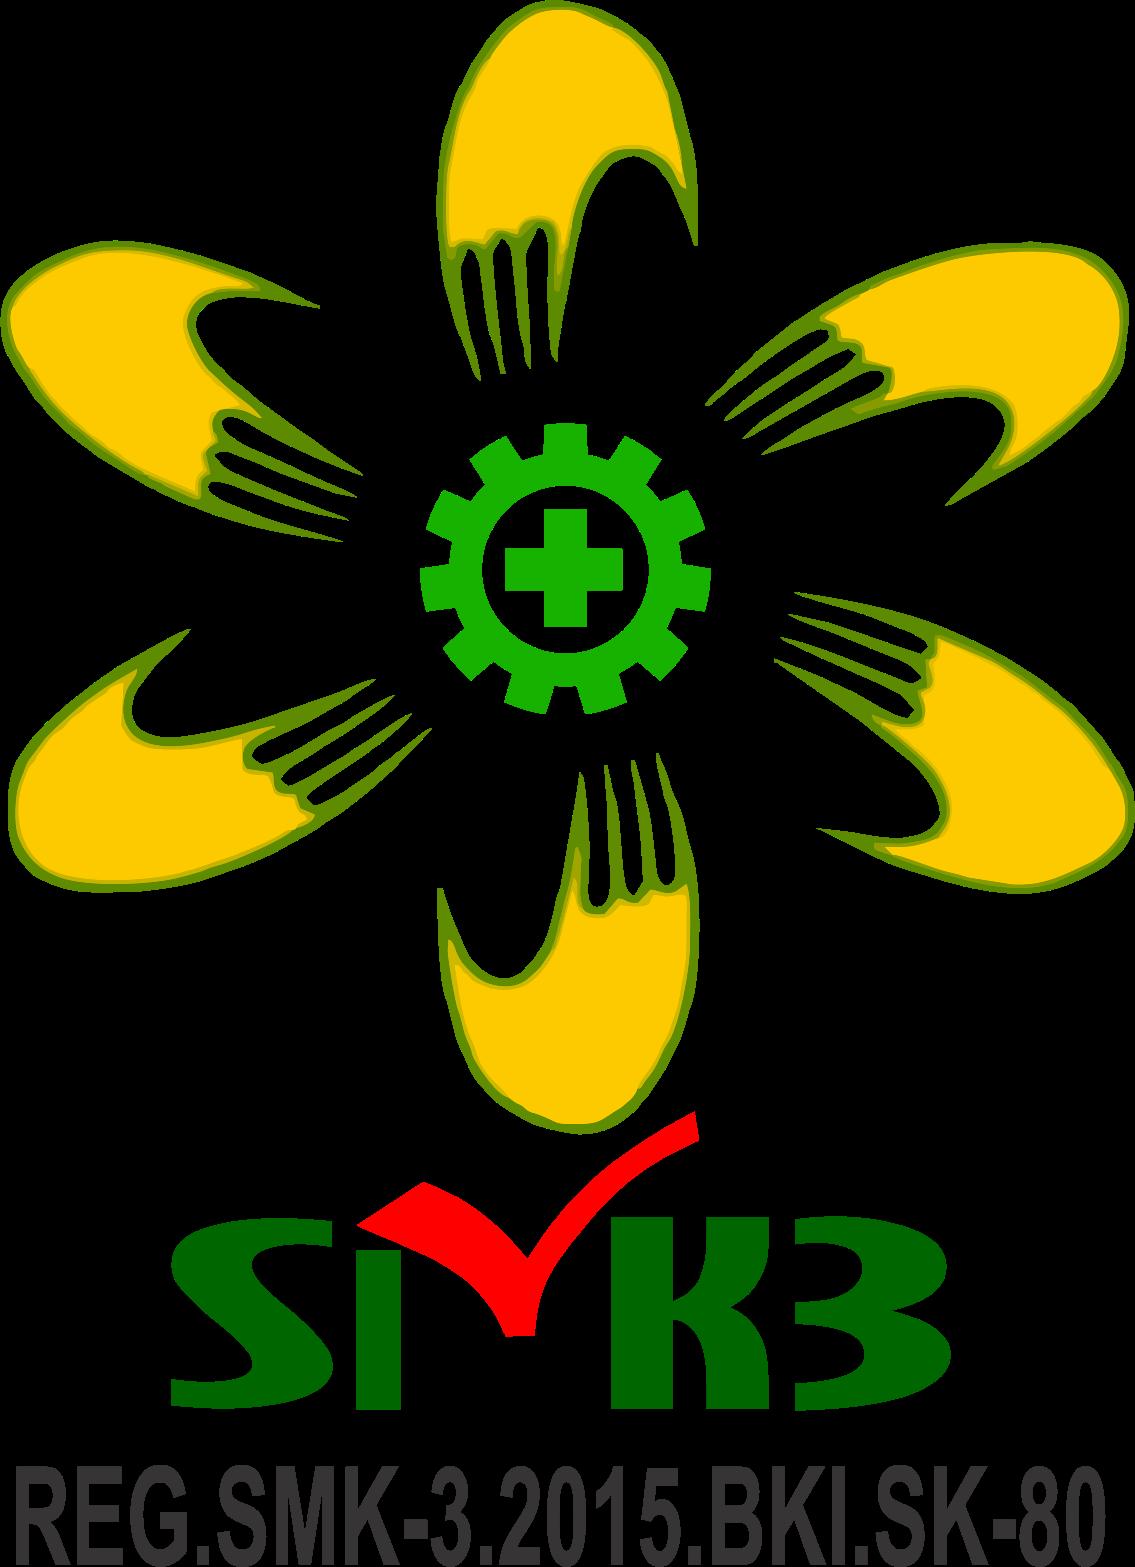 Logo SMK3 PNG